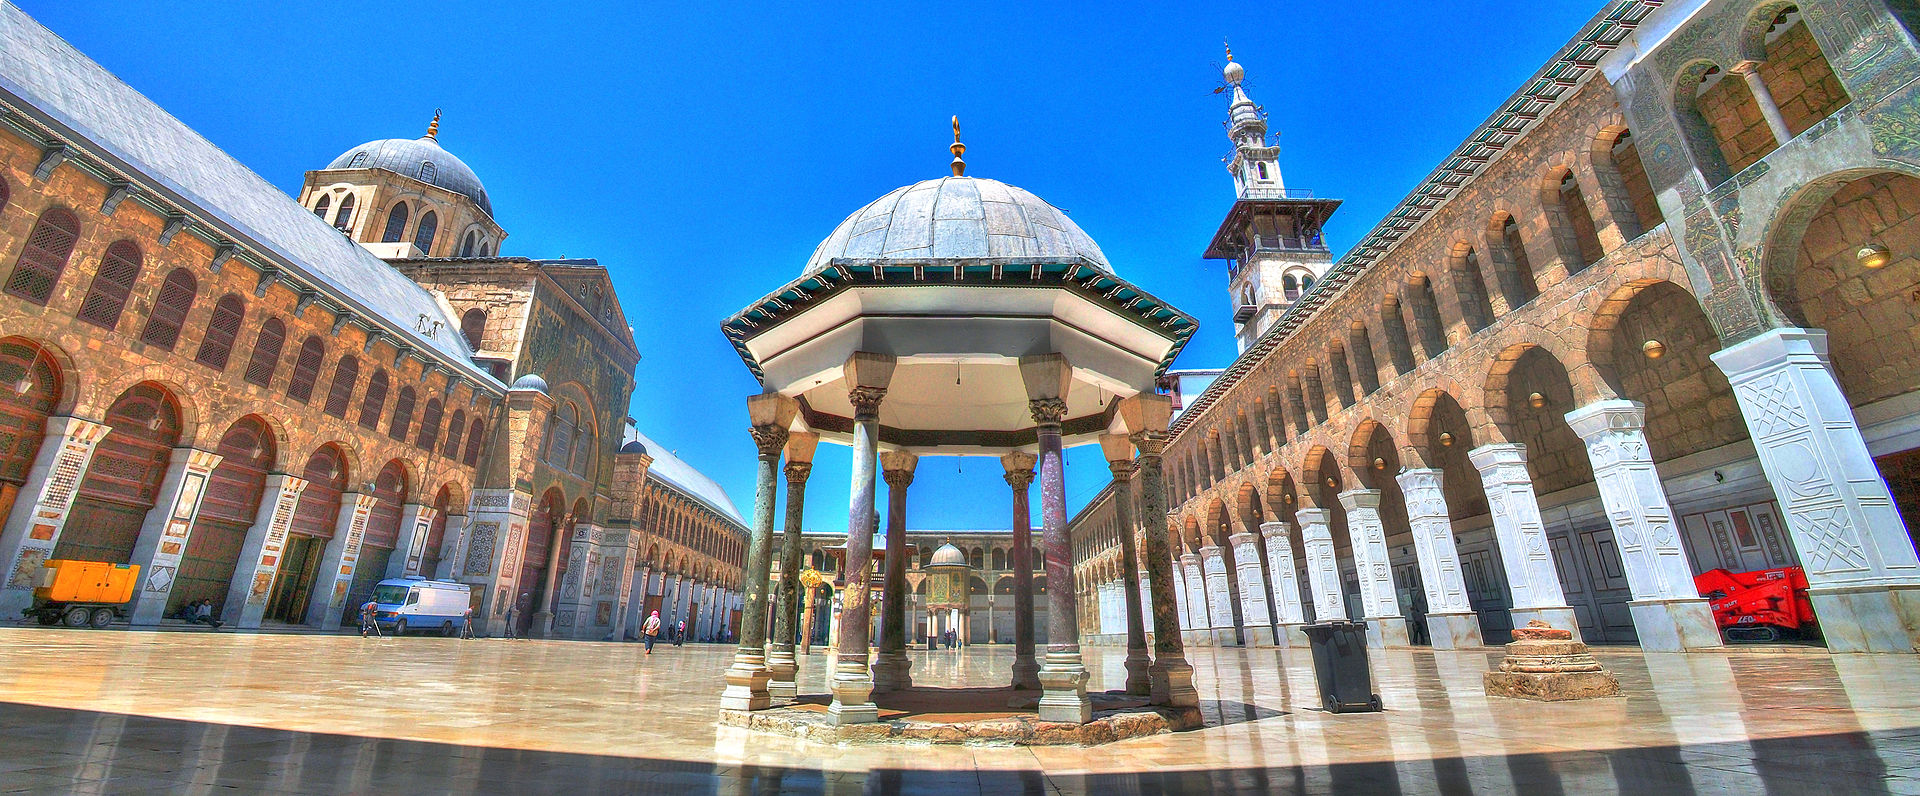 الجامع الأموي بدمشق بني عام 705م ويتألف من 24 قنطرة و3 مآذن الموقع الرسمي لجريدة ع مان